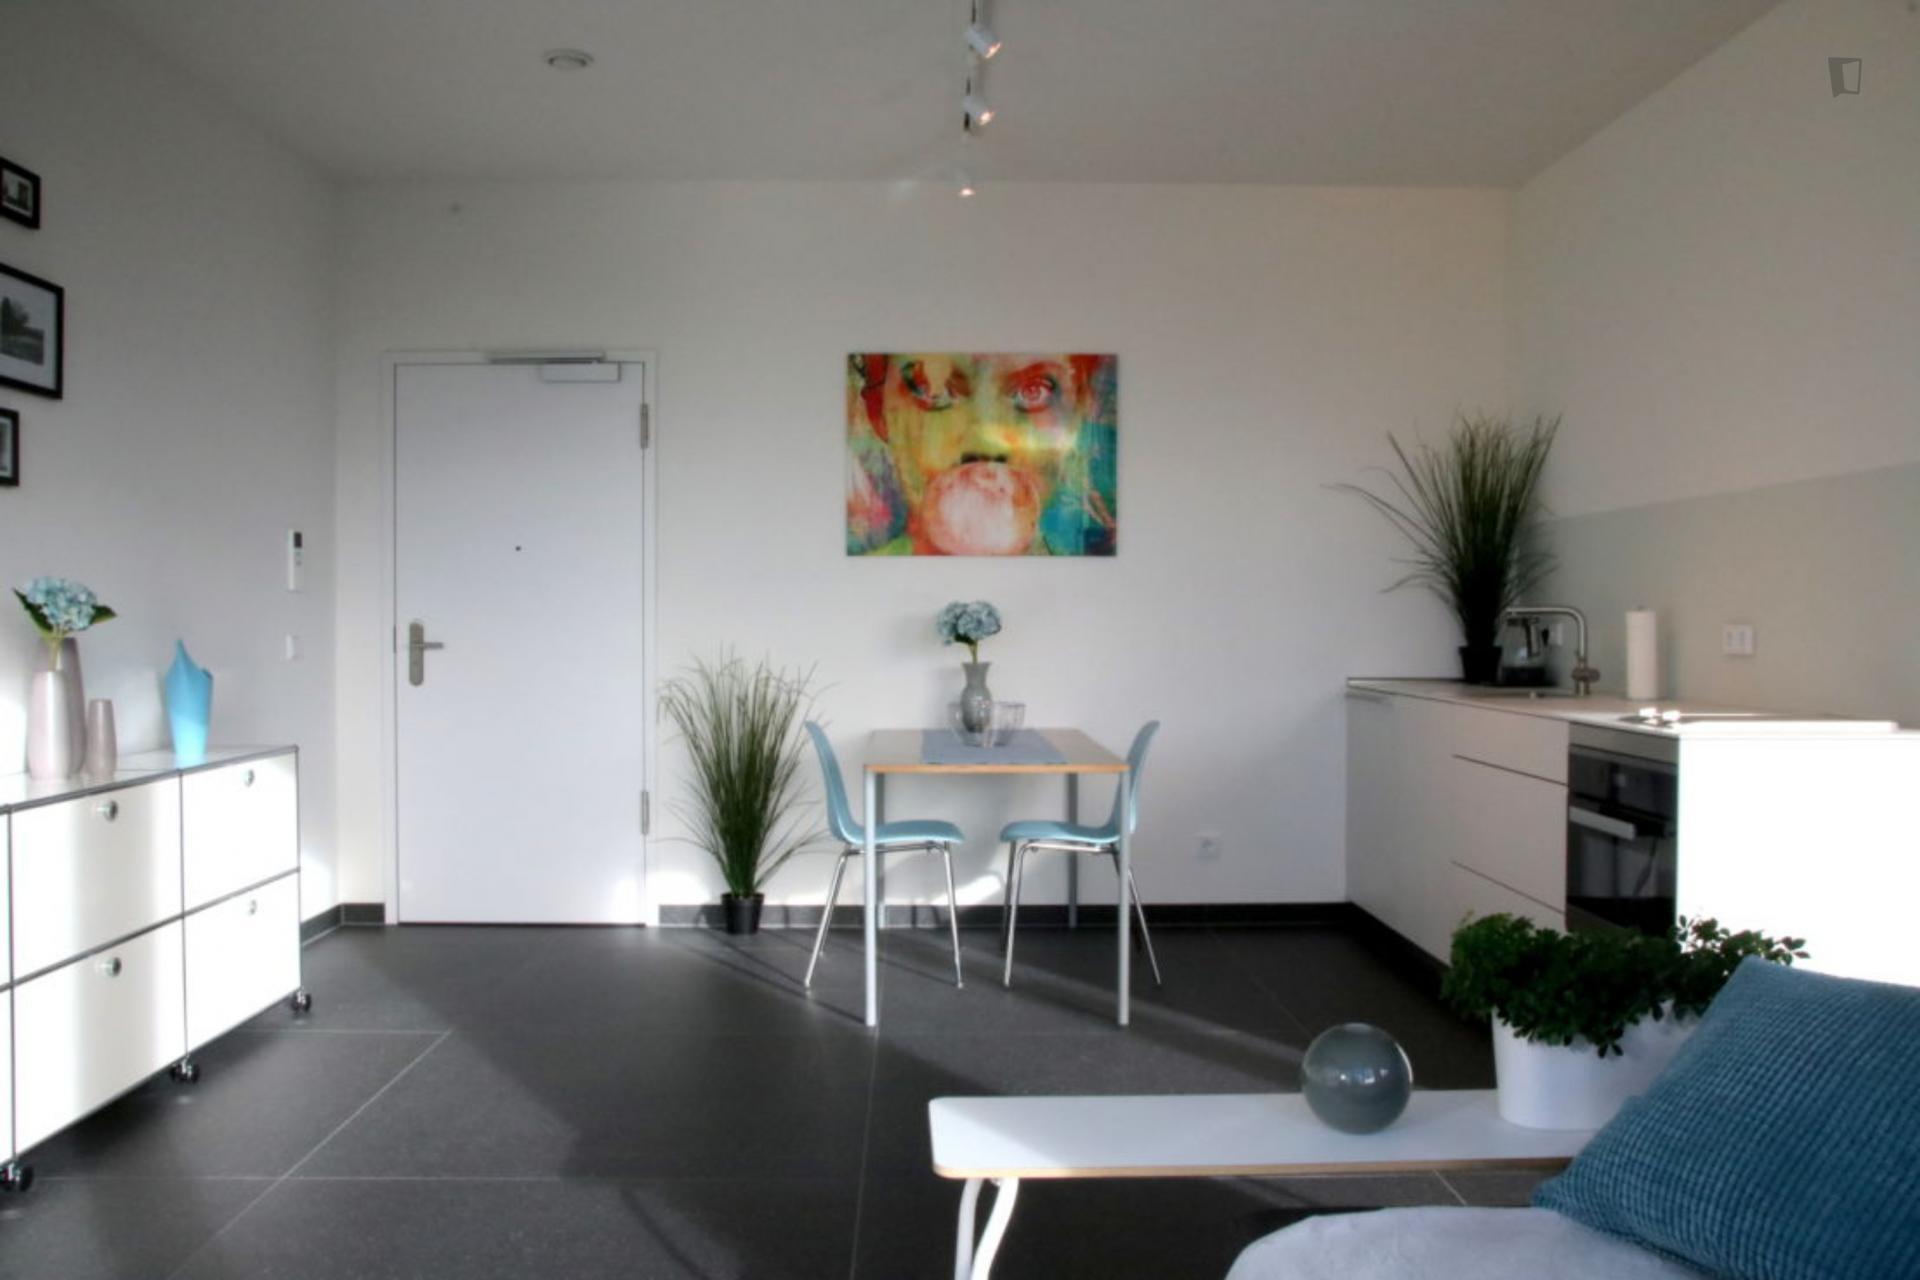 Petten - Luxury studio in Berlin